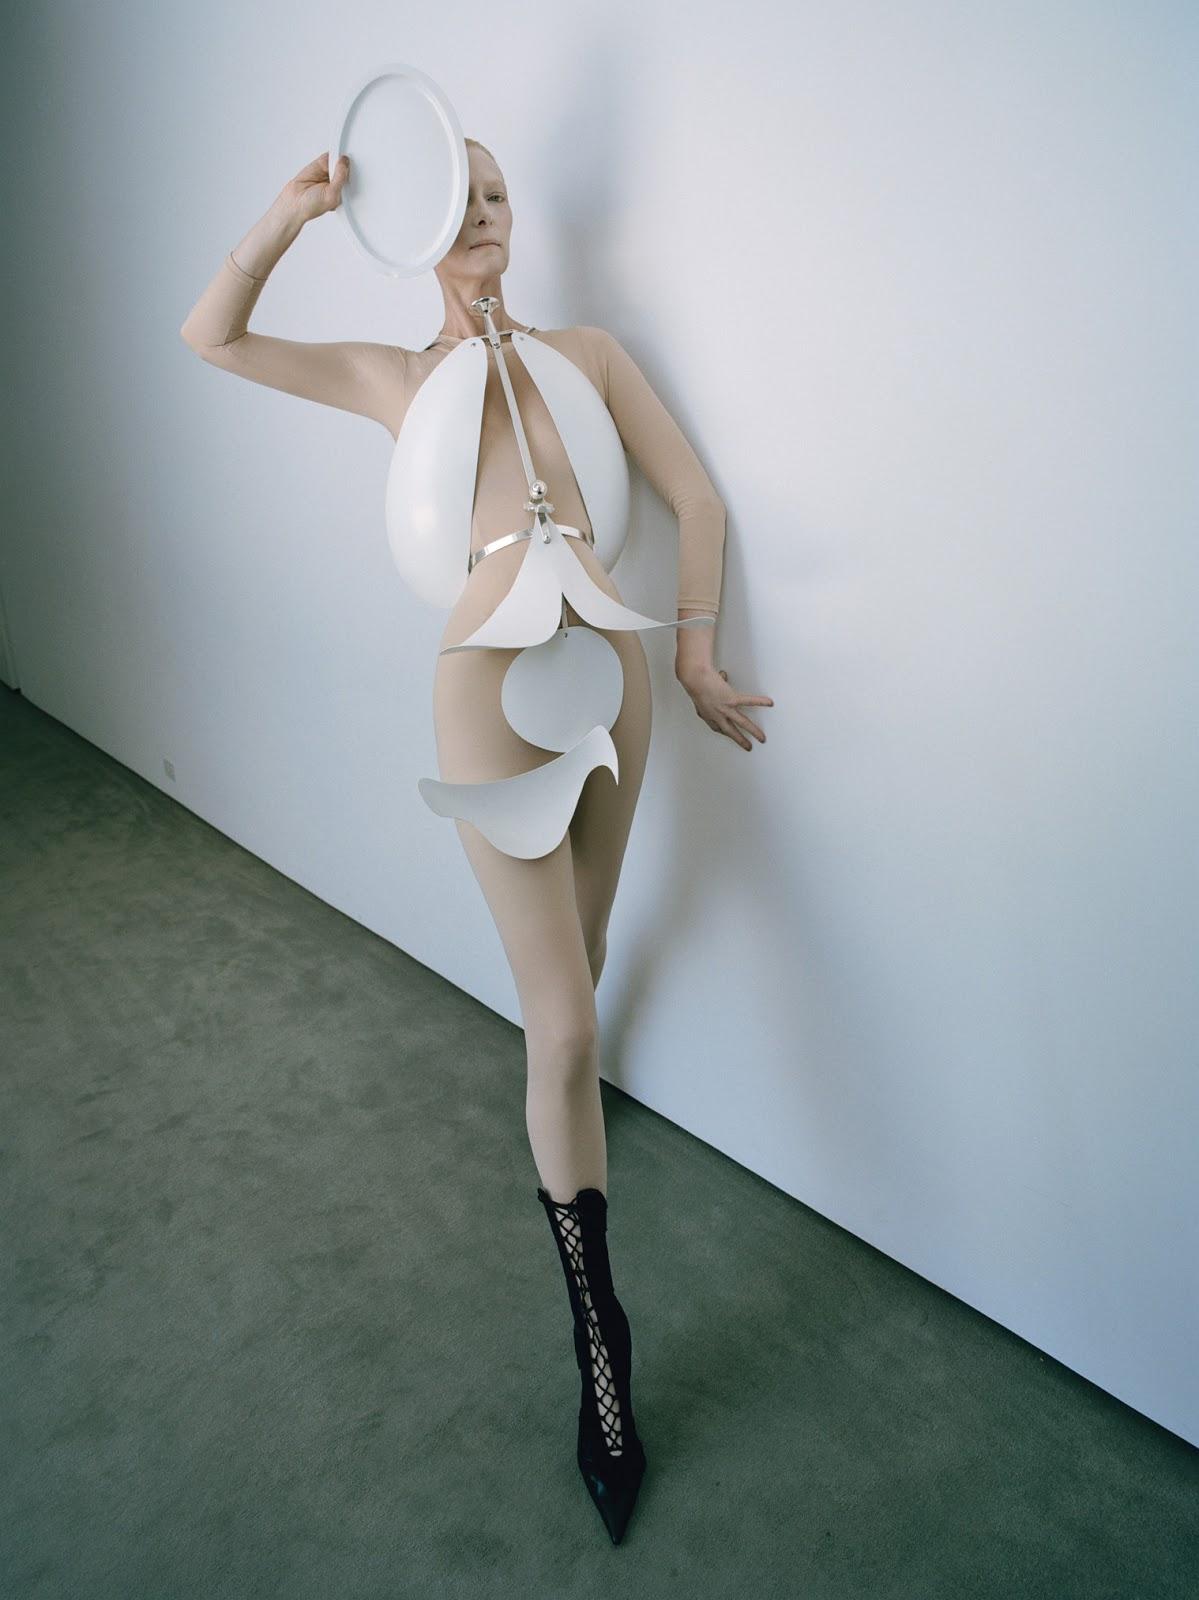 ティルダ・スウィントンの画像 p1_34